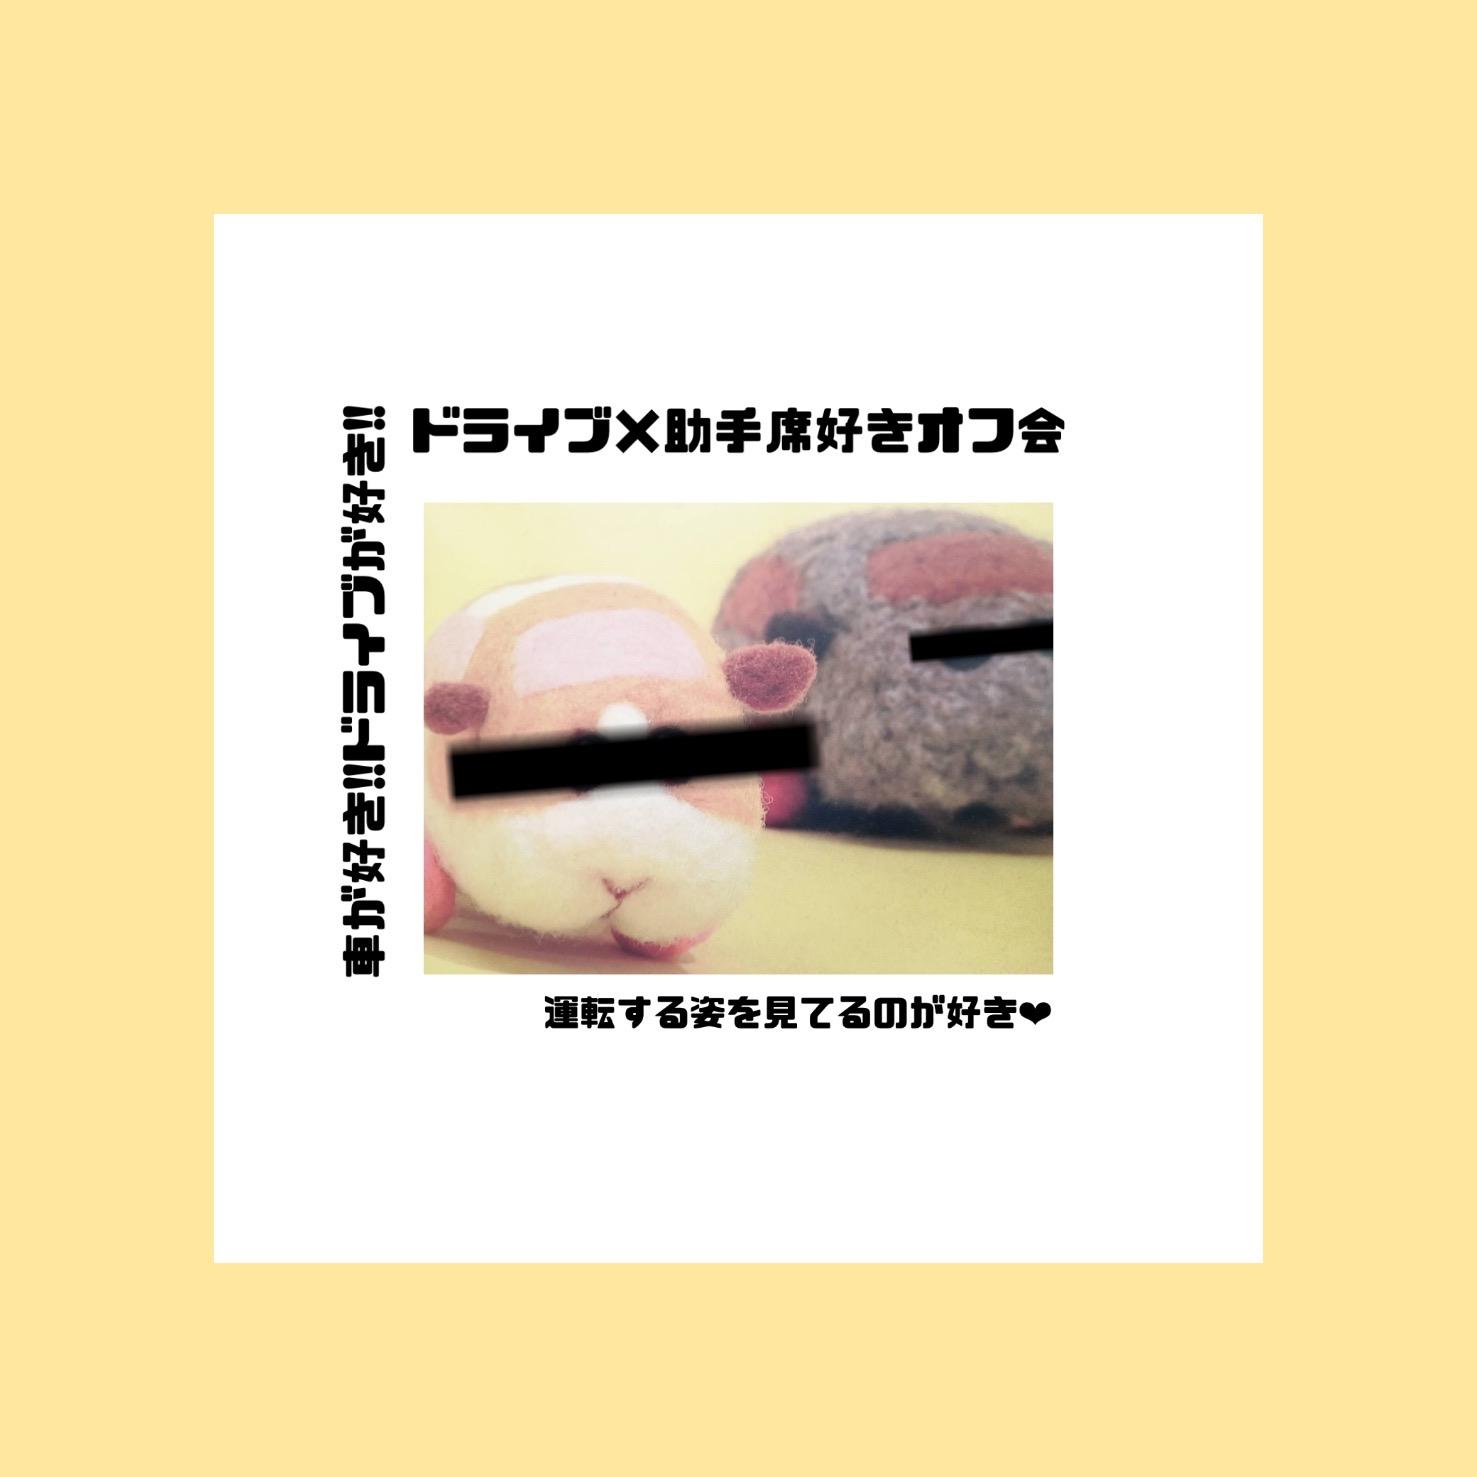 【湘南🐠片瀬江ノ島】ドライブ×助手席好きオフ会👥✨